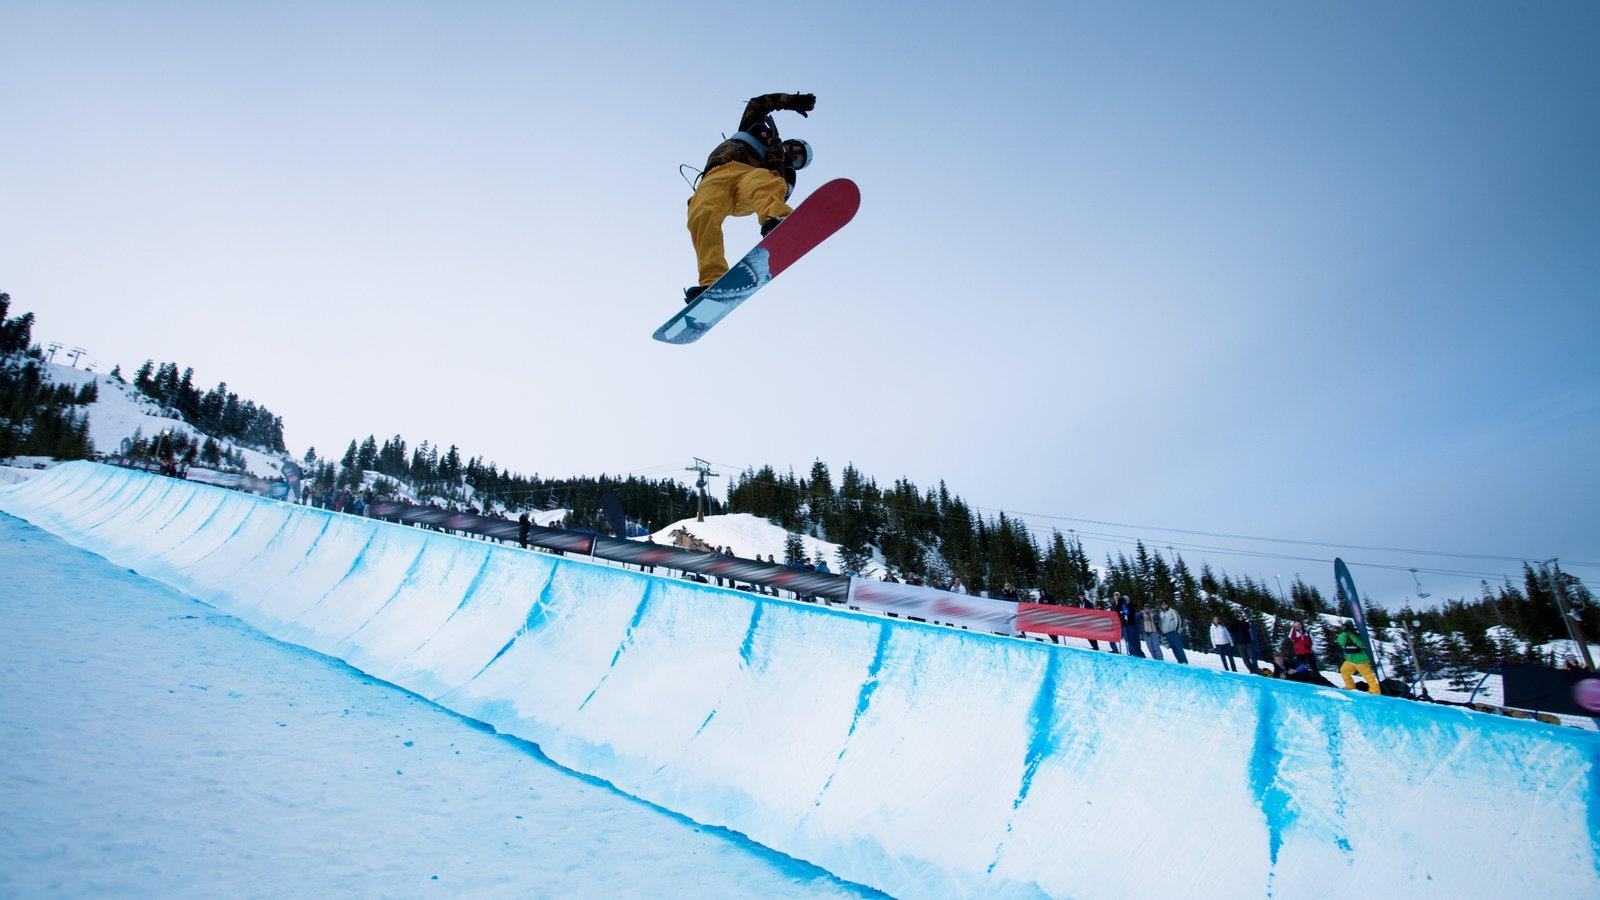 Cypress Mountain mostrando snowboard, un evento deportivo y nieve